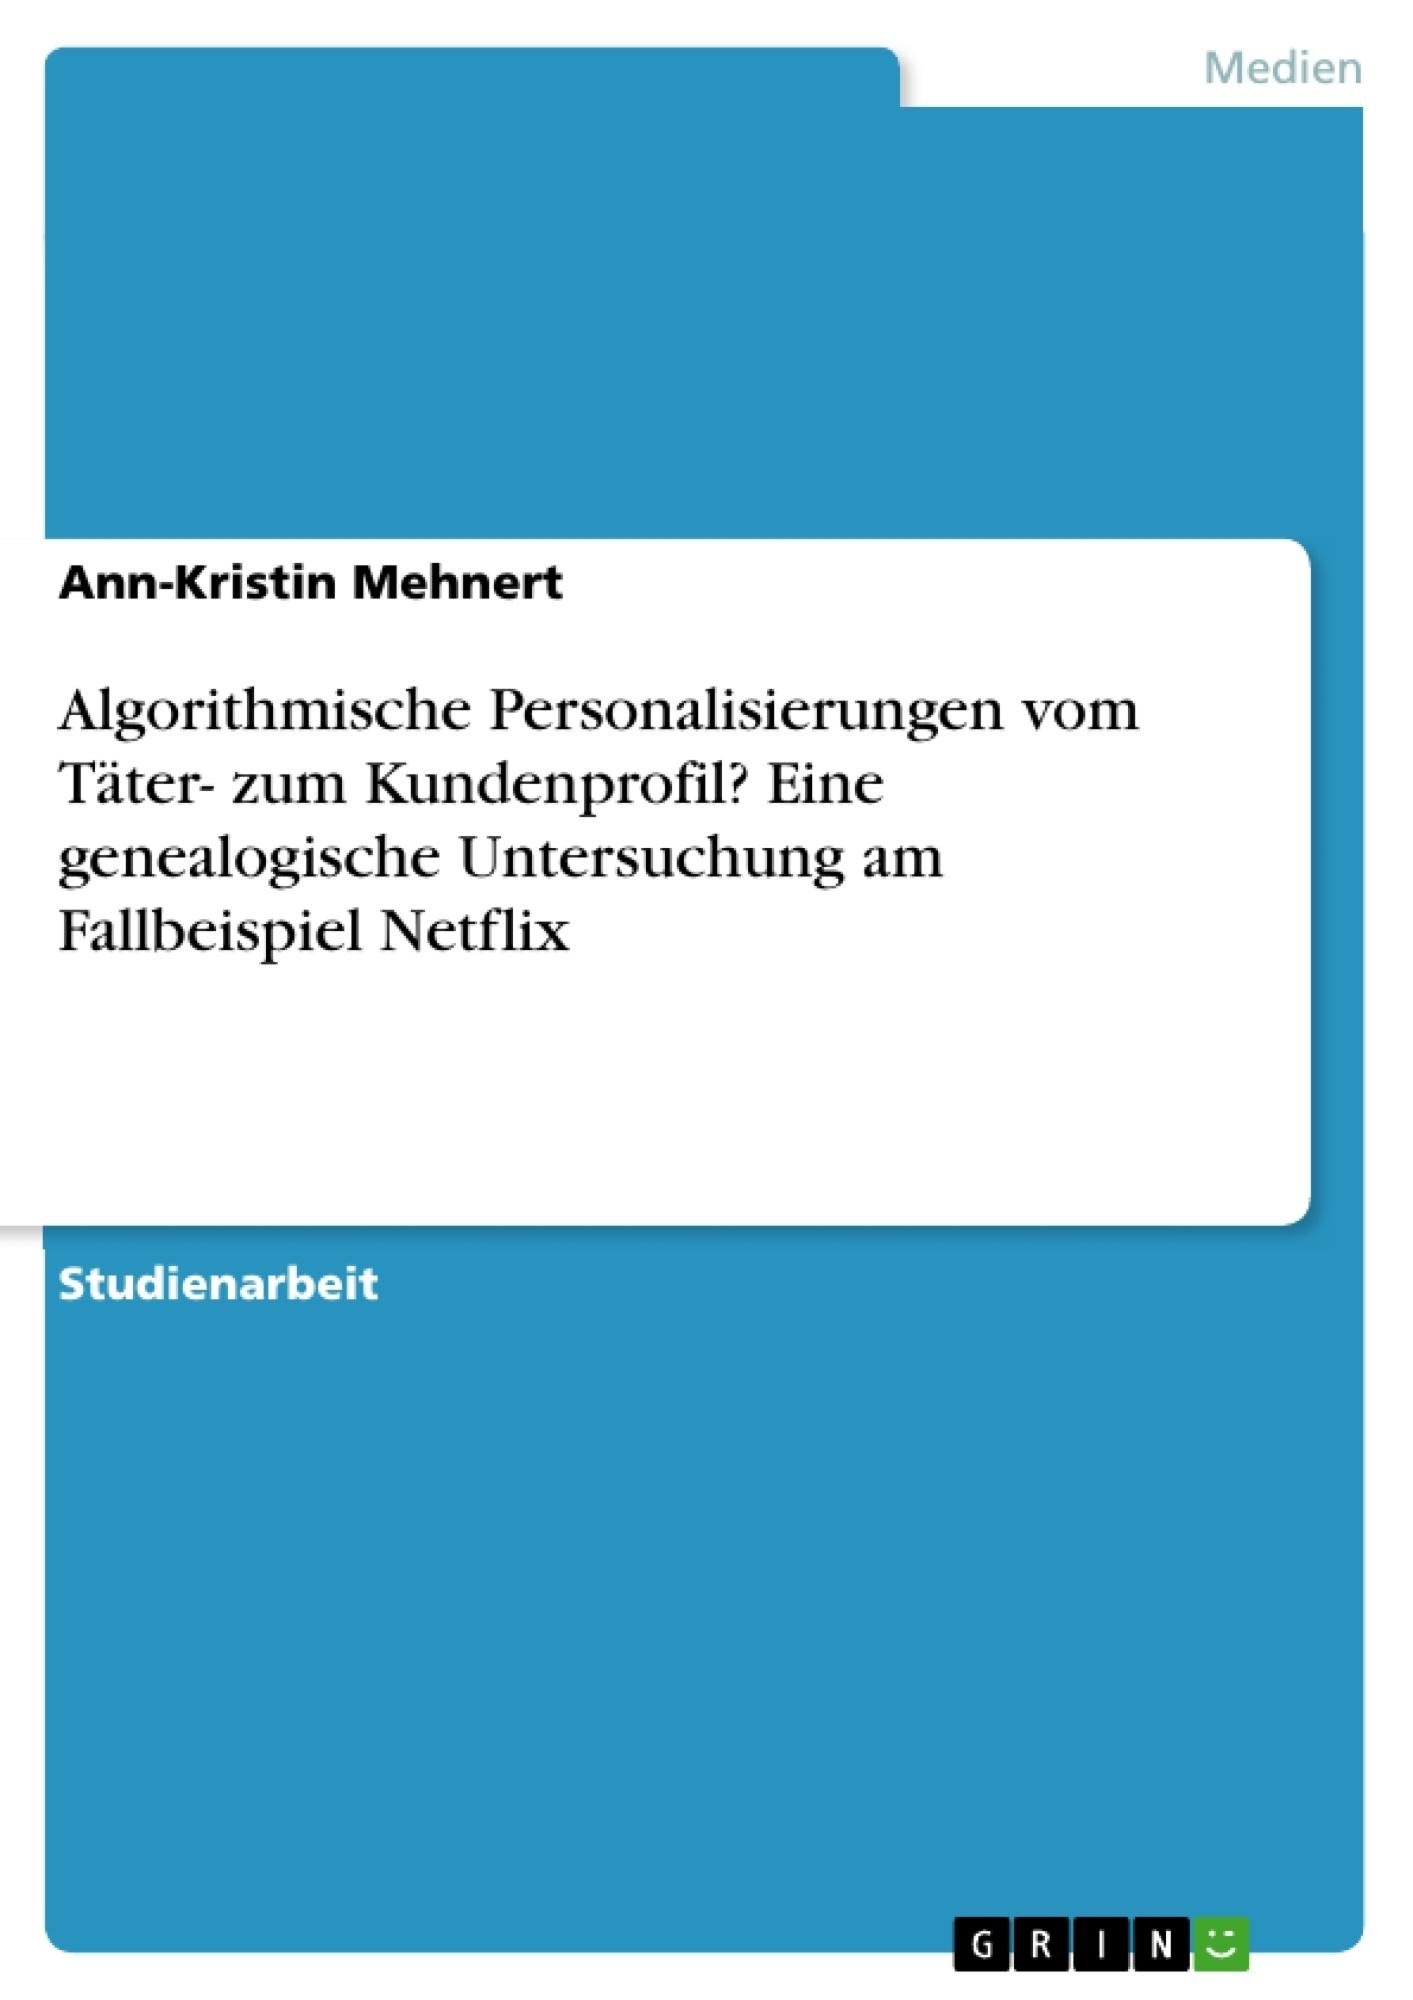 Titel: Algorithmische Personalisierungen vom Täter- zum Kundenprofil? Eine genealogische Untersuchung am Fallbeispiel Netflix